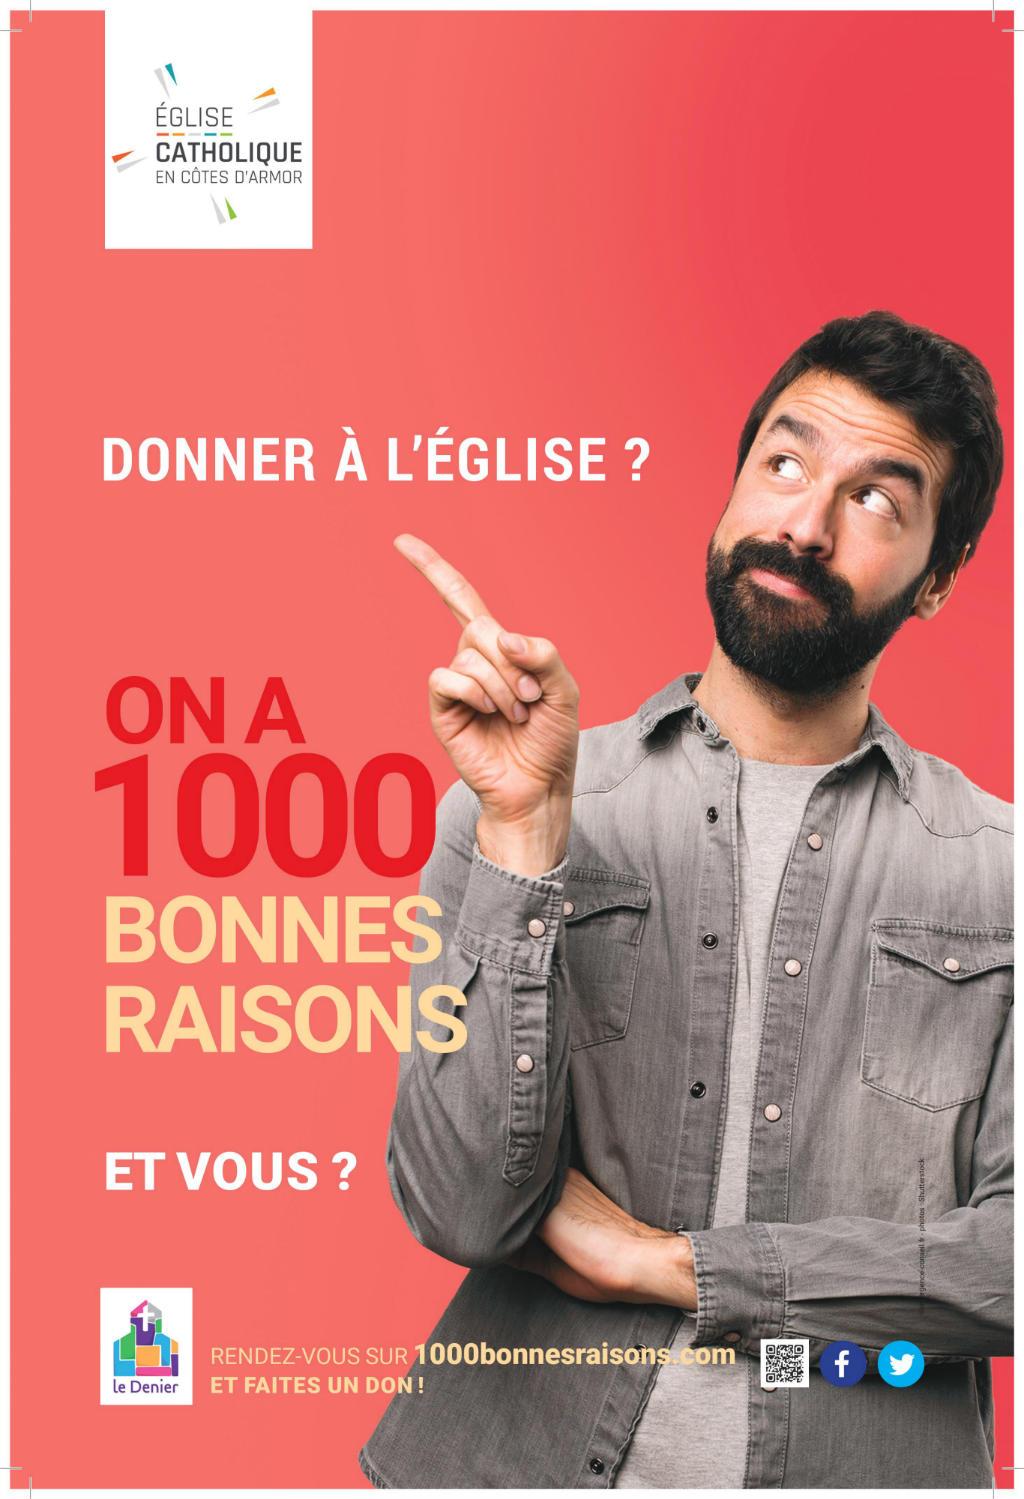 Affiche de la campagne denier 2019